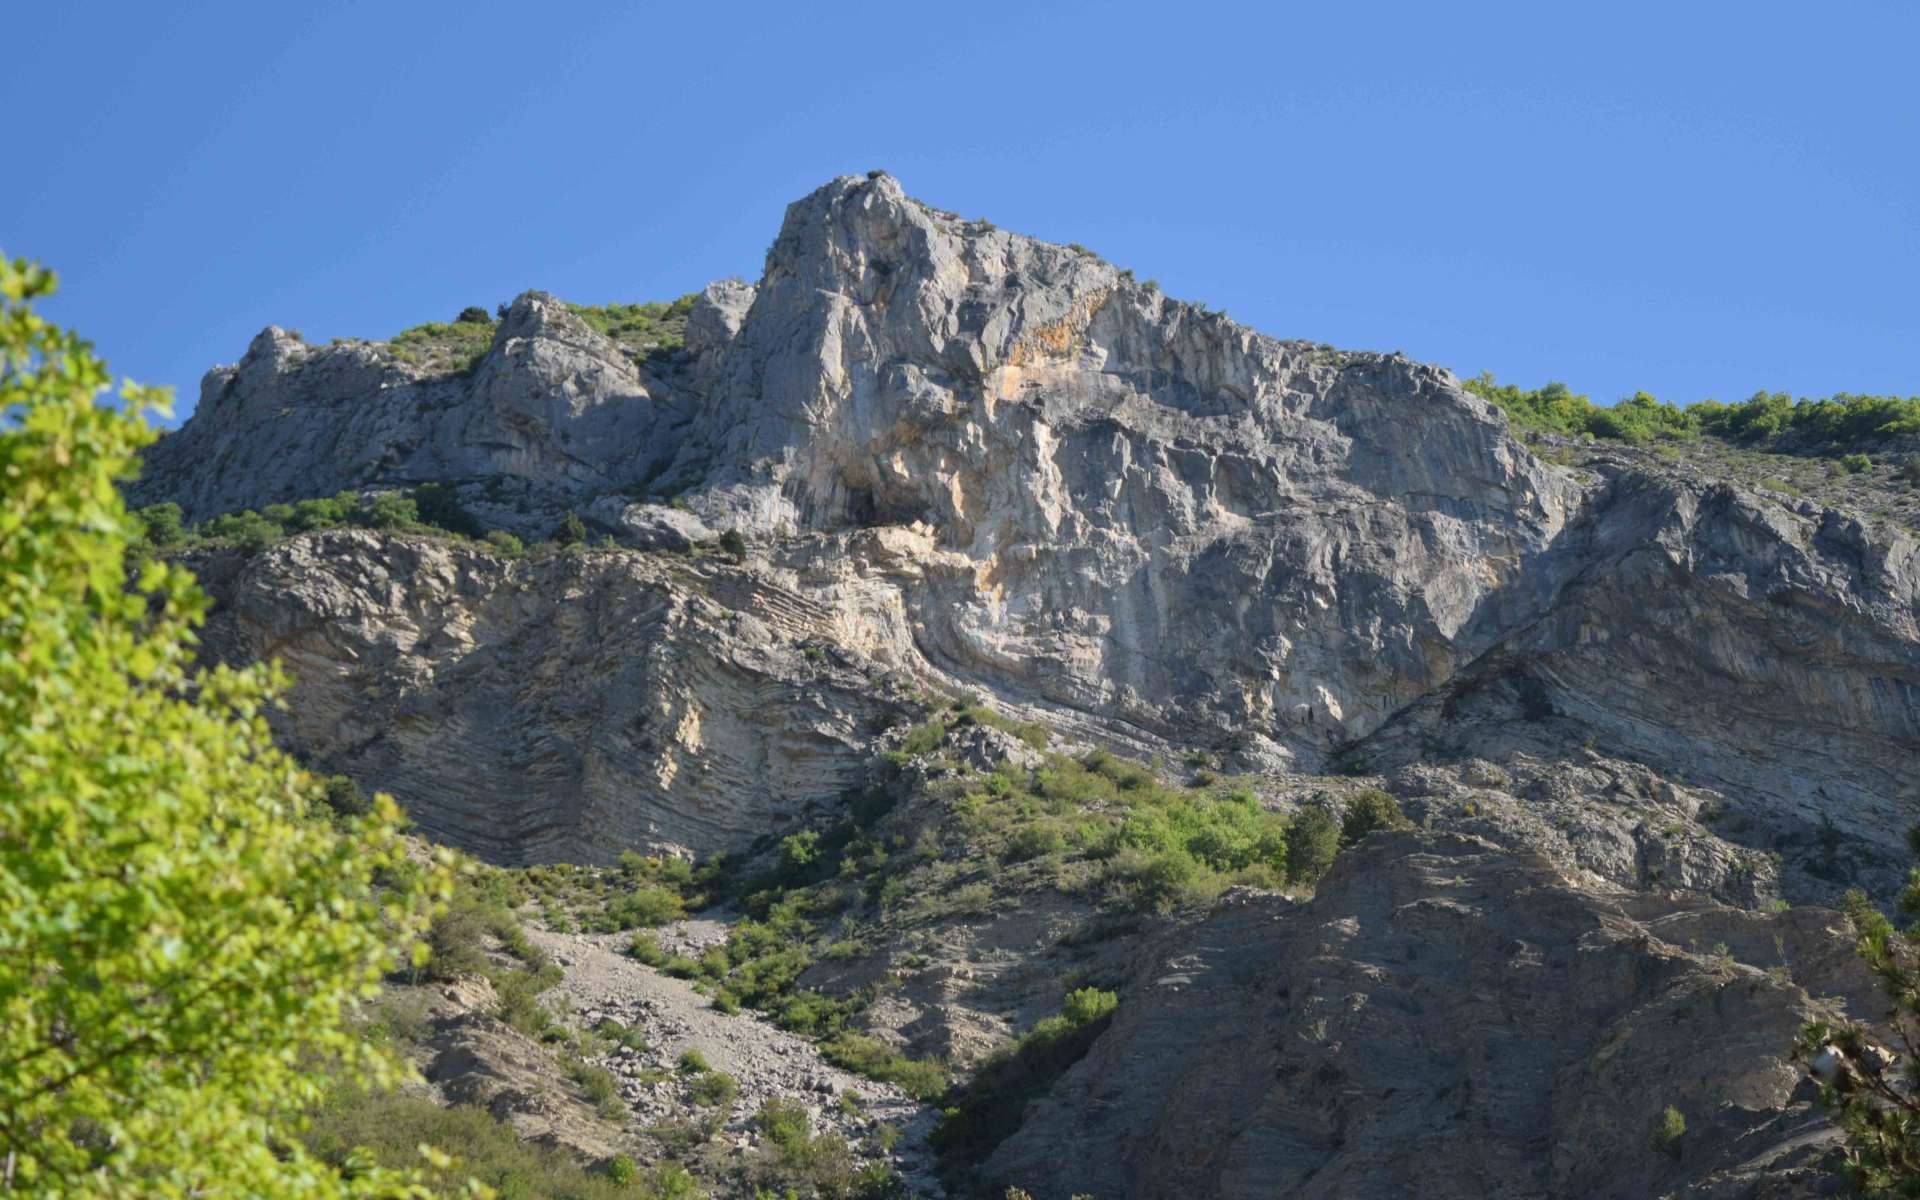 Calcaire datée du Jurassique - St Génis (Crédits : Sabine Meneut)